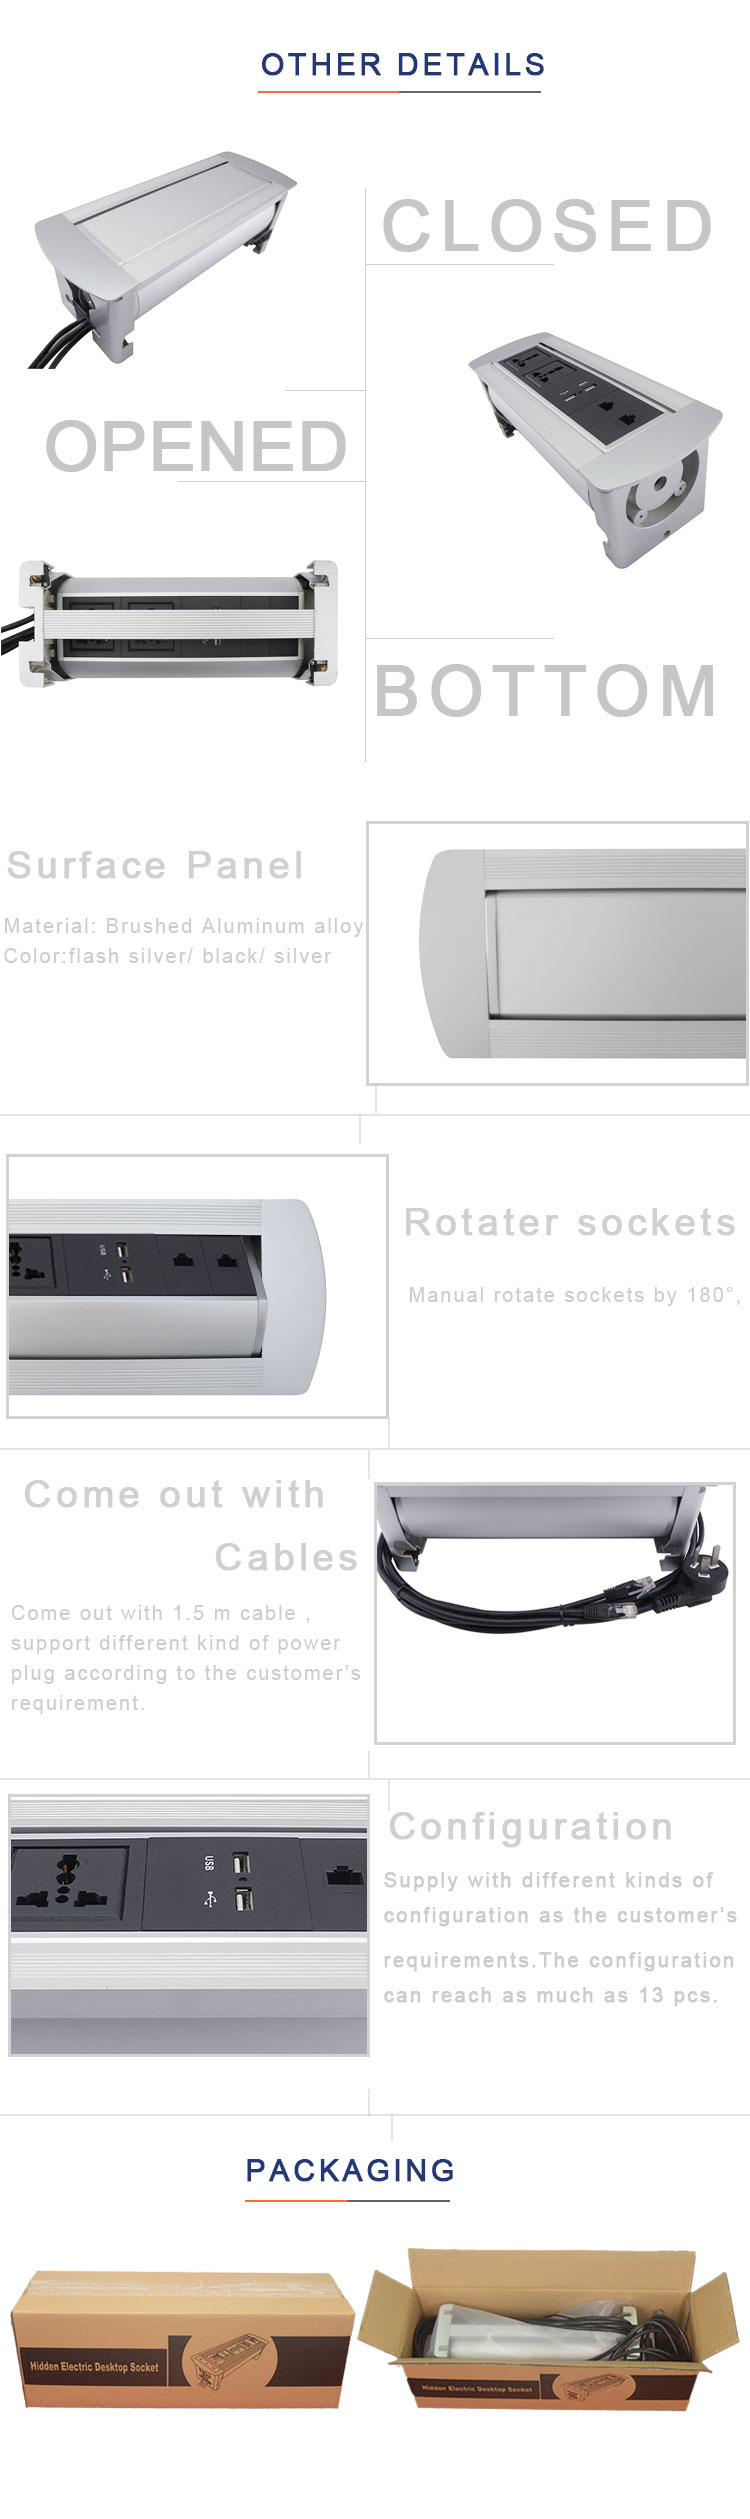 Boite Cache Prise Electrique table de conférence cachée rotative Électrique prise de courant  boîte/bureau téléphérique tournant cubby - buy prise Électrique de  table,prise